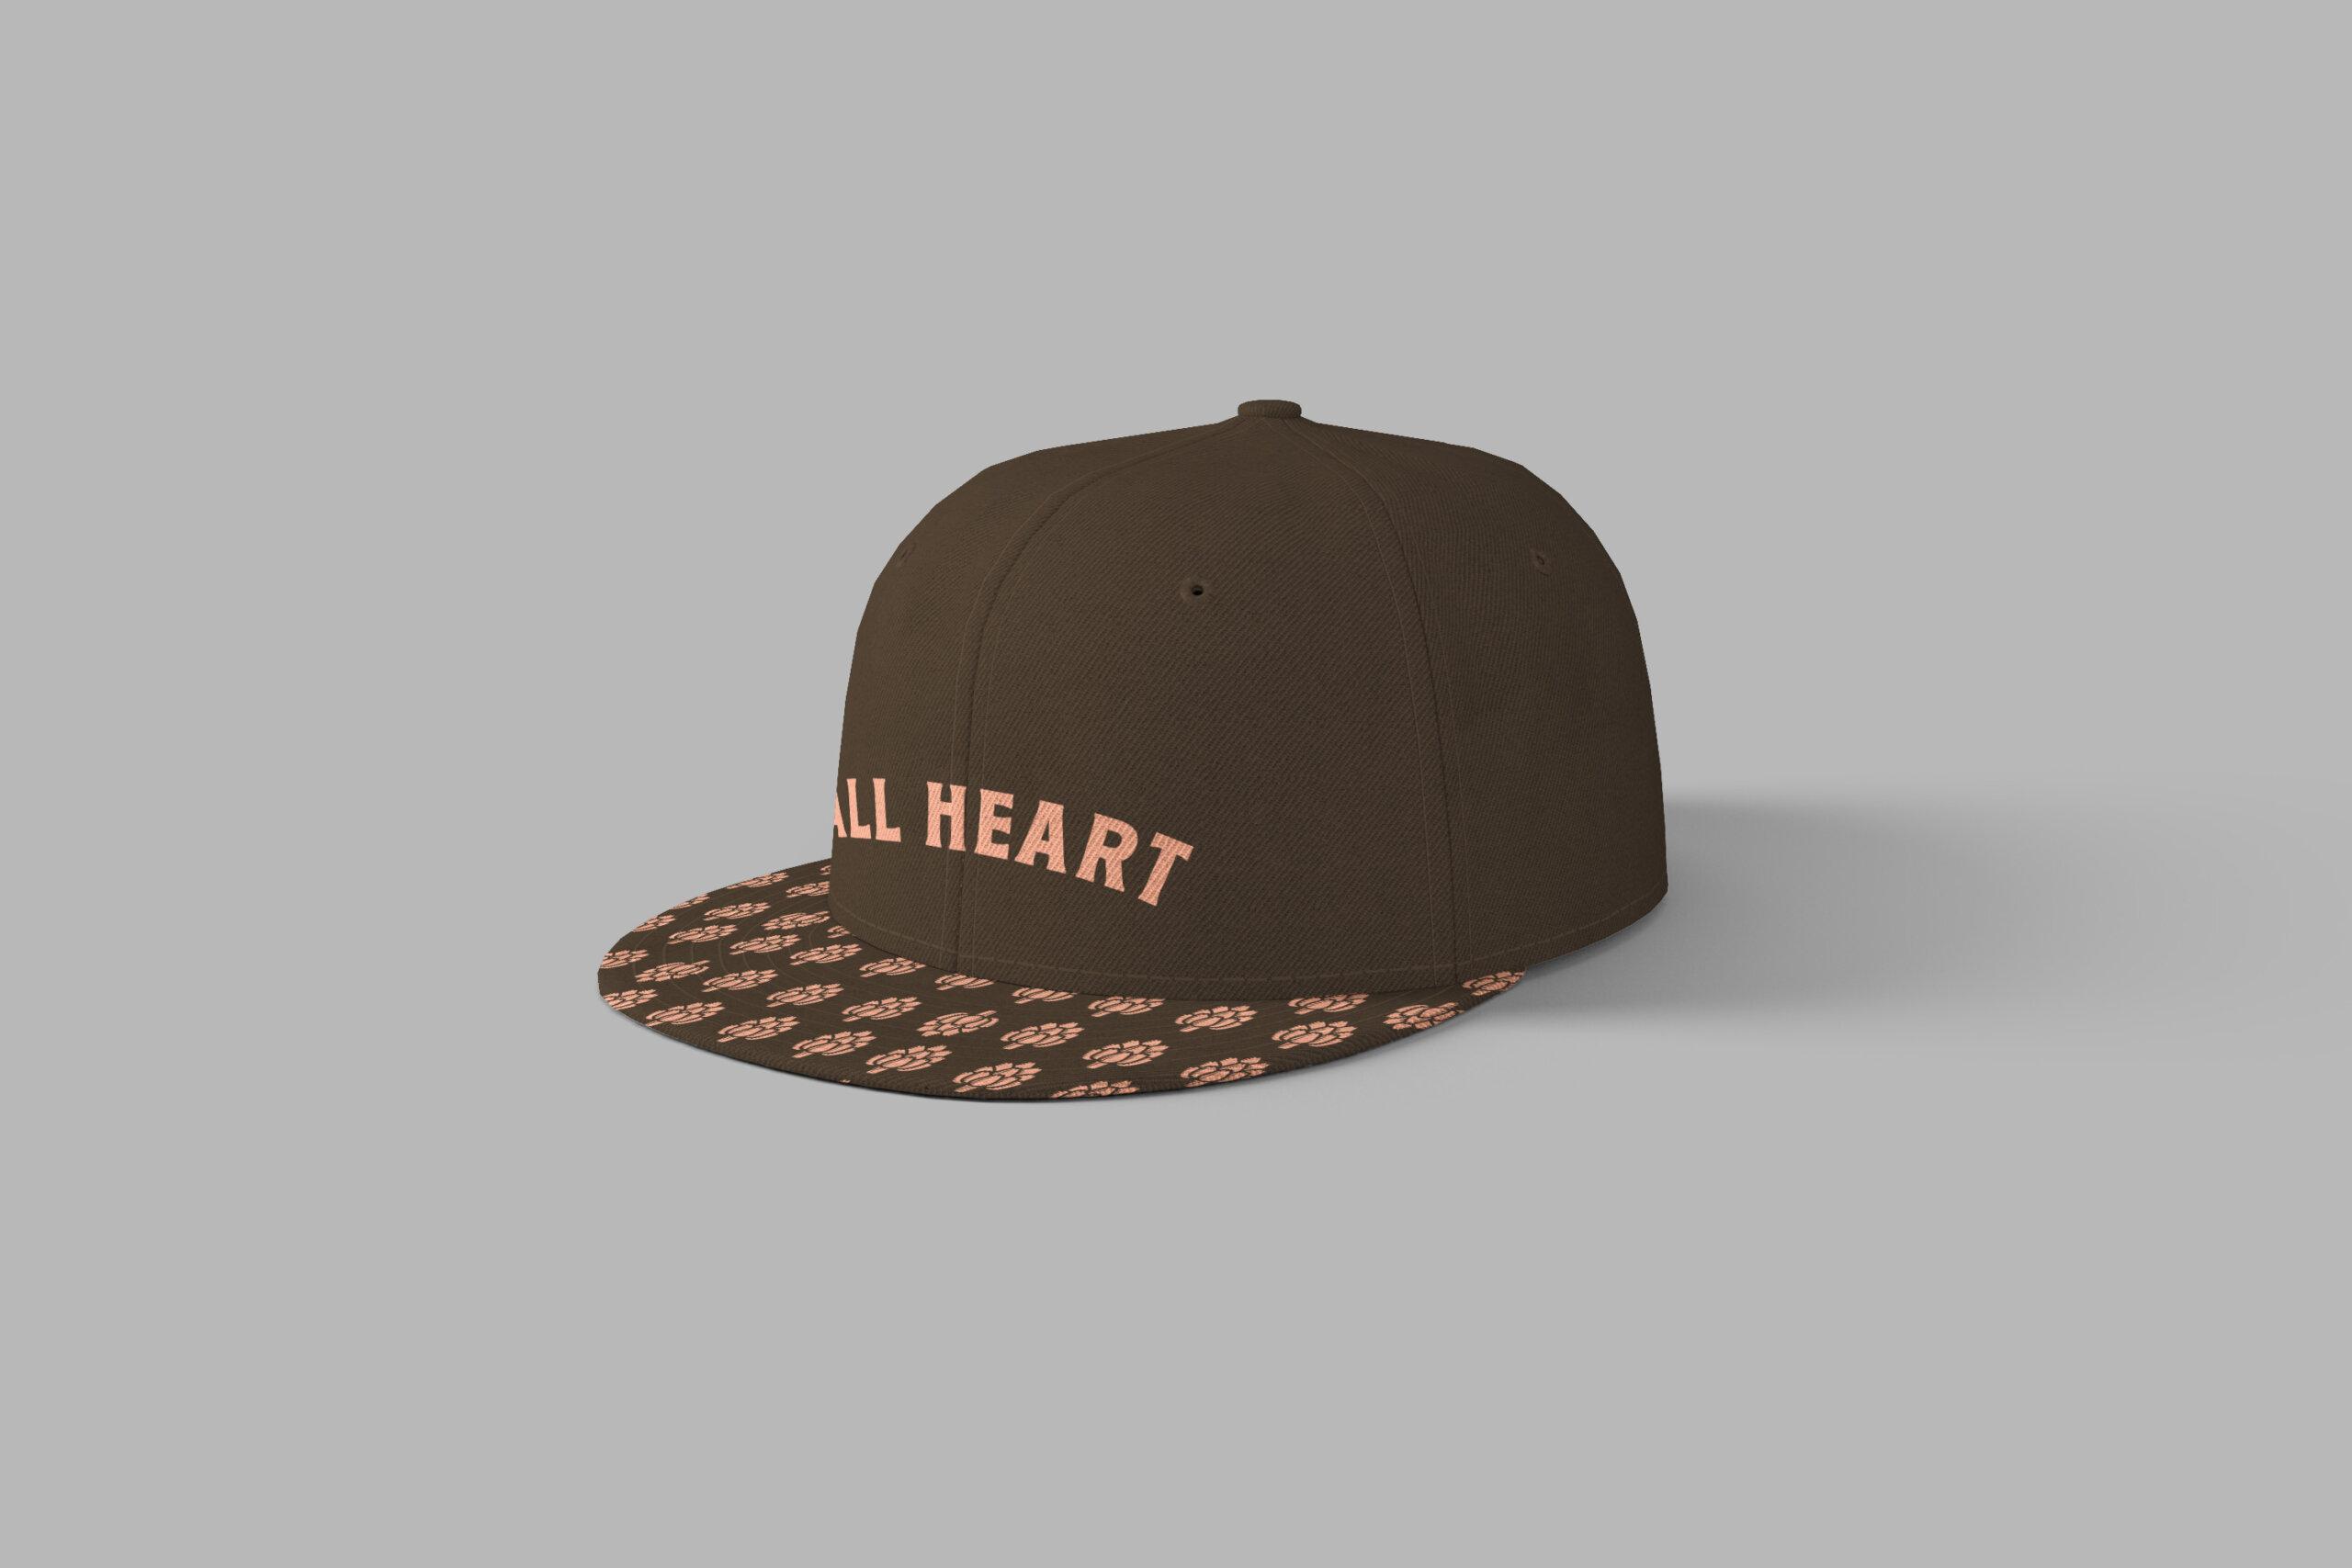 All Heart Cap